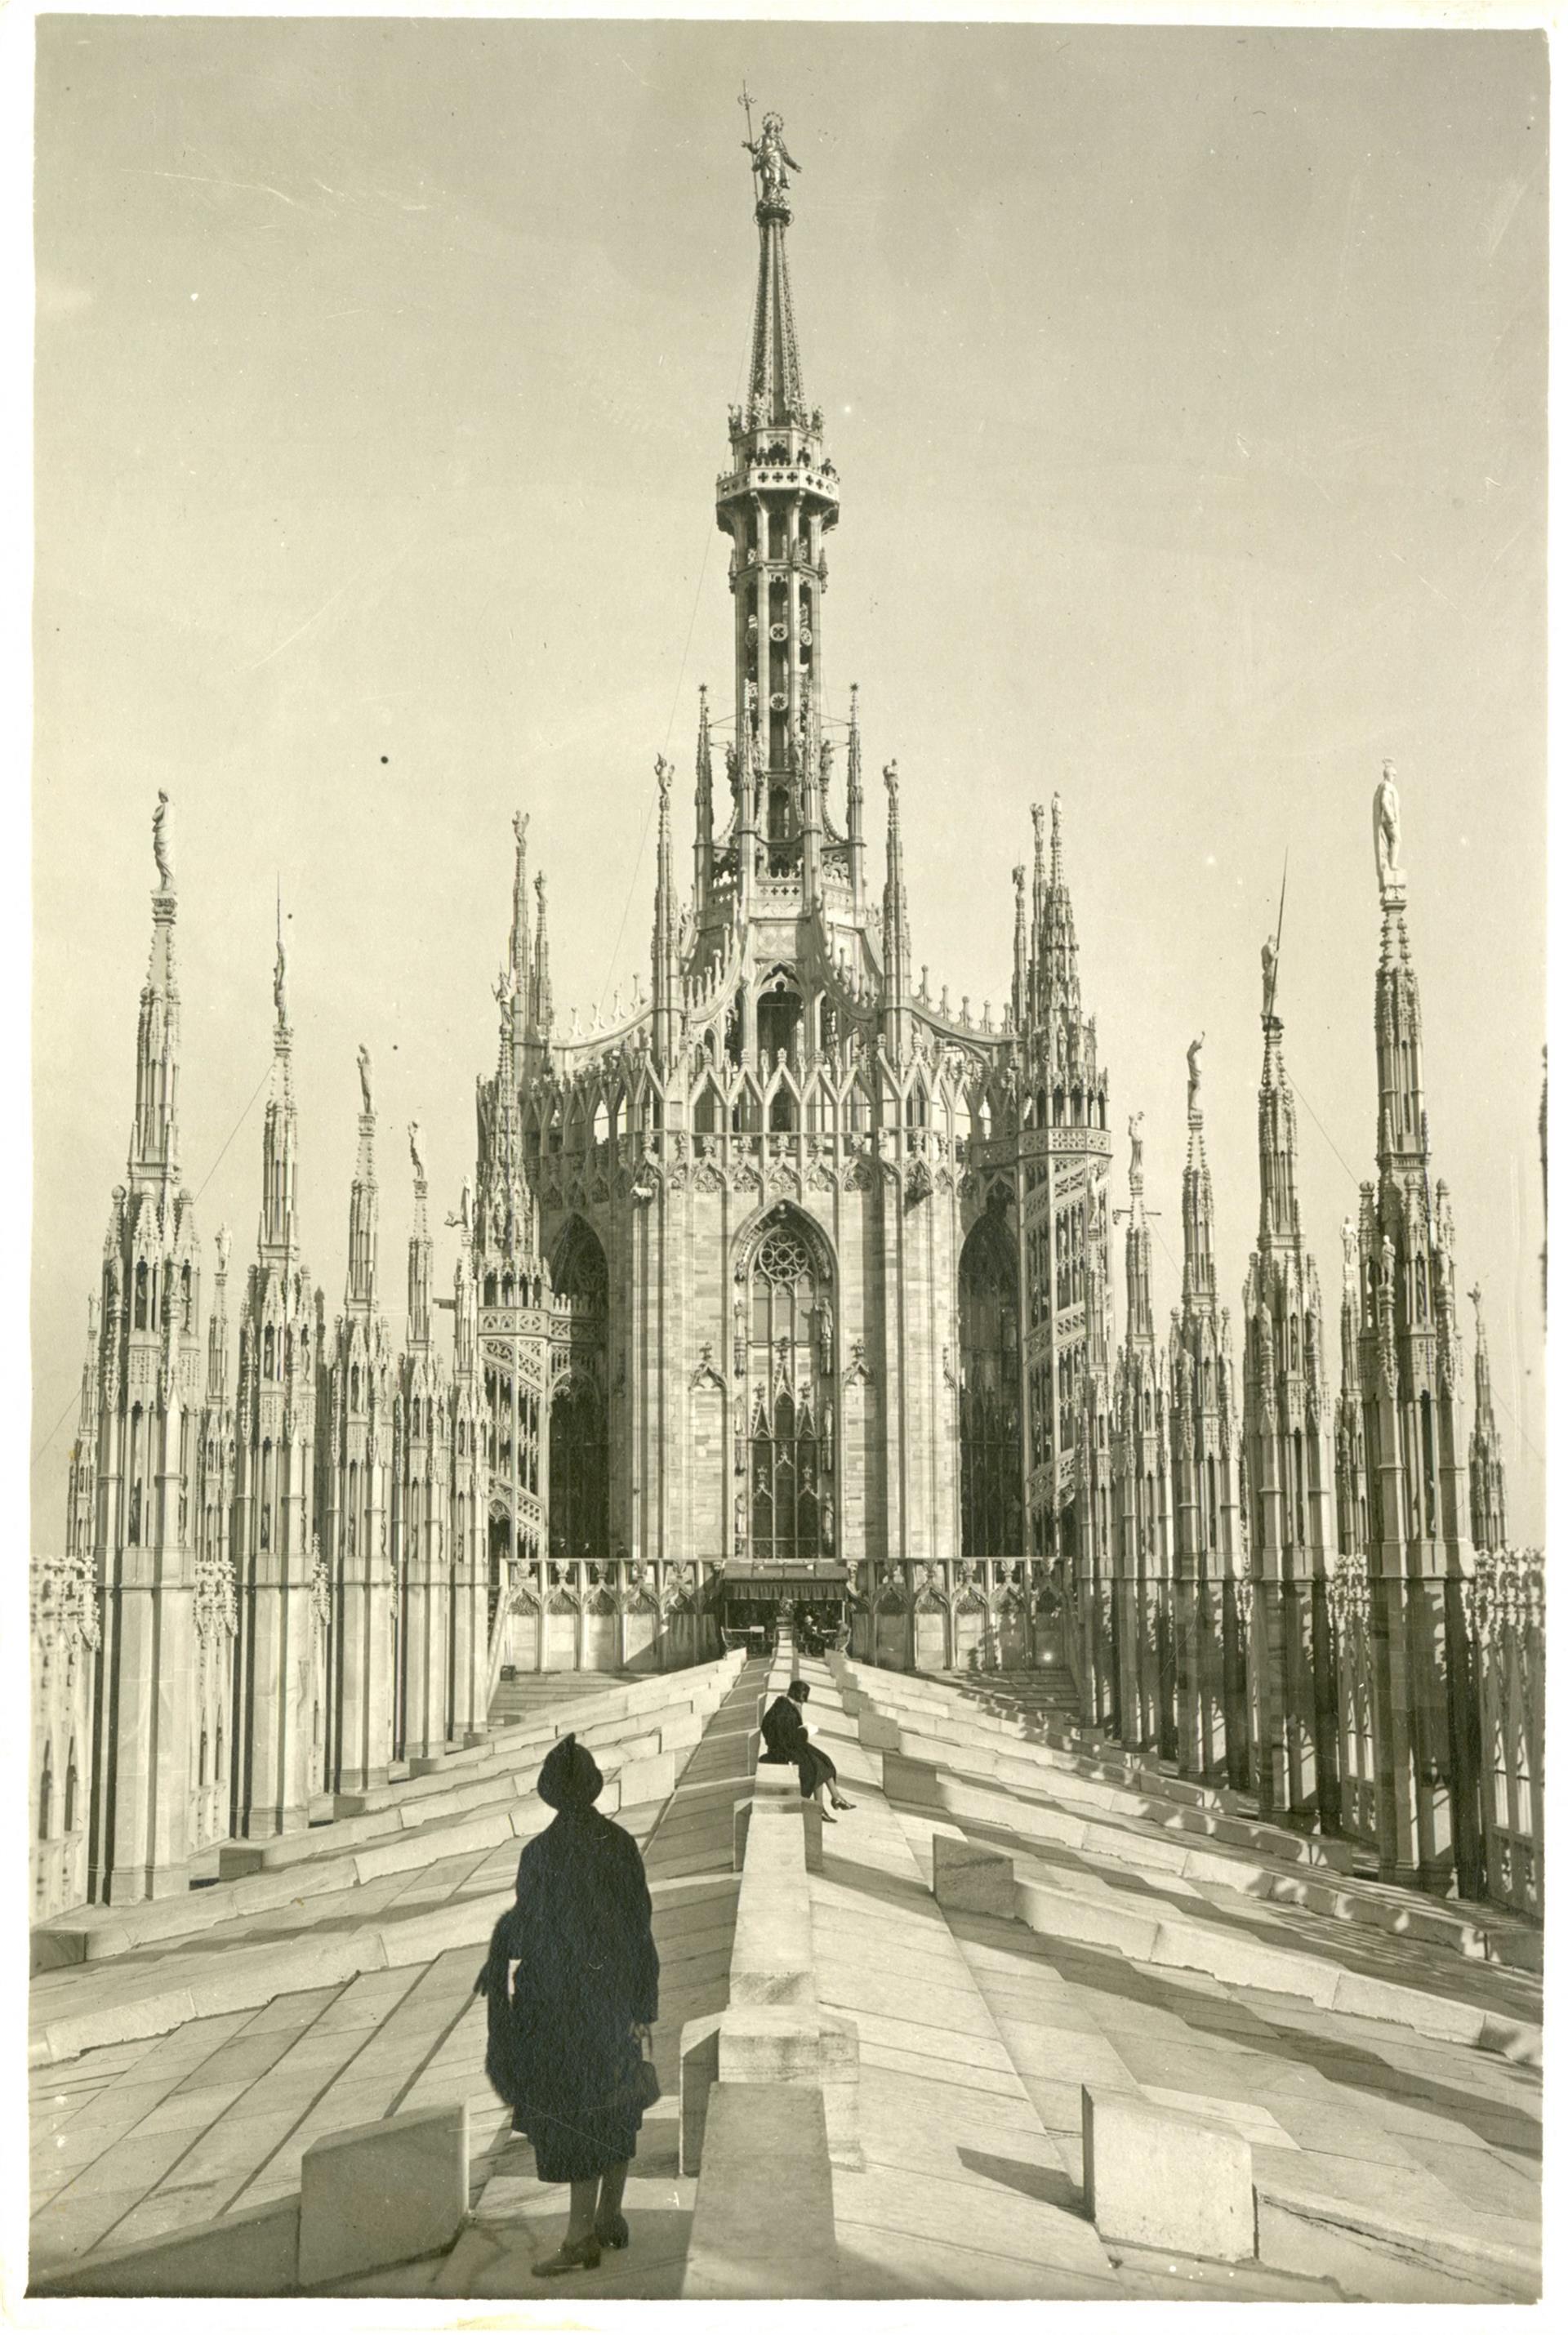 04 Veduta Della Terrazza Centrale Del Duomo Di Milano, 1925 Ca © Veneranda Fabbrica Del Duomo Di Milano